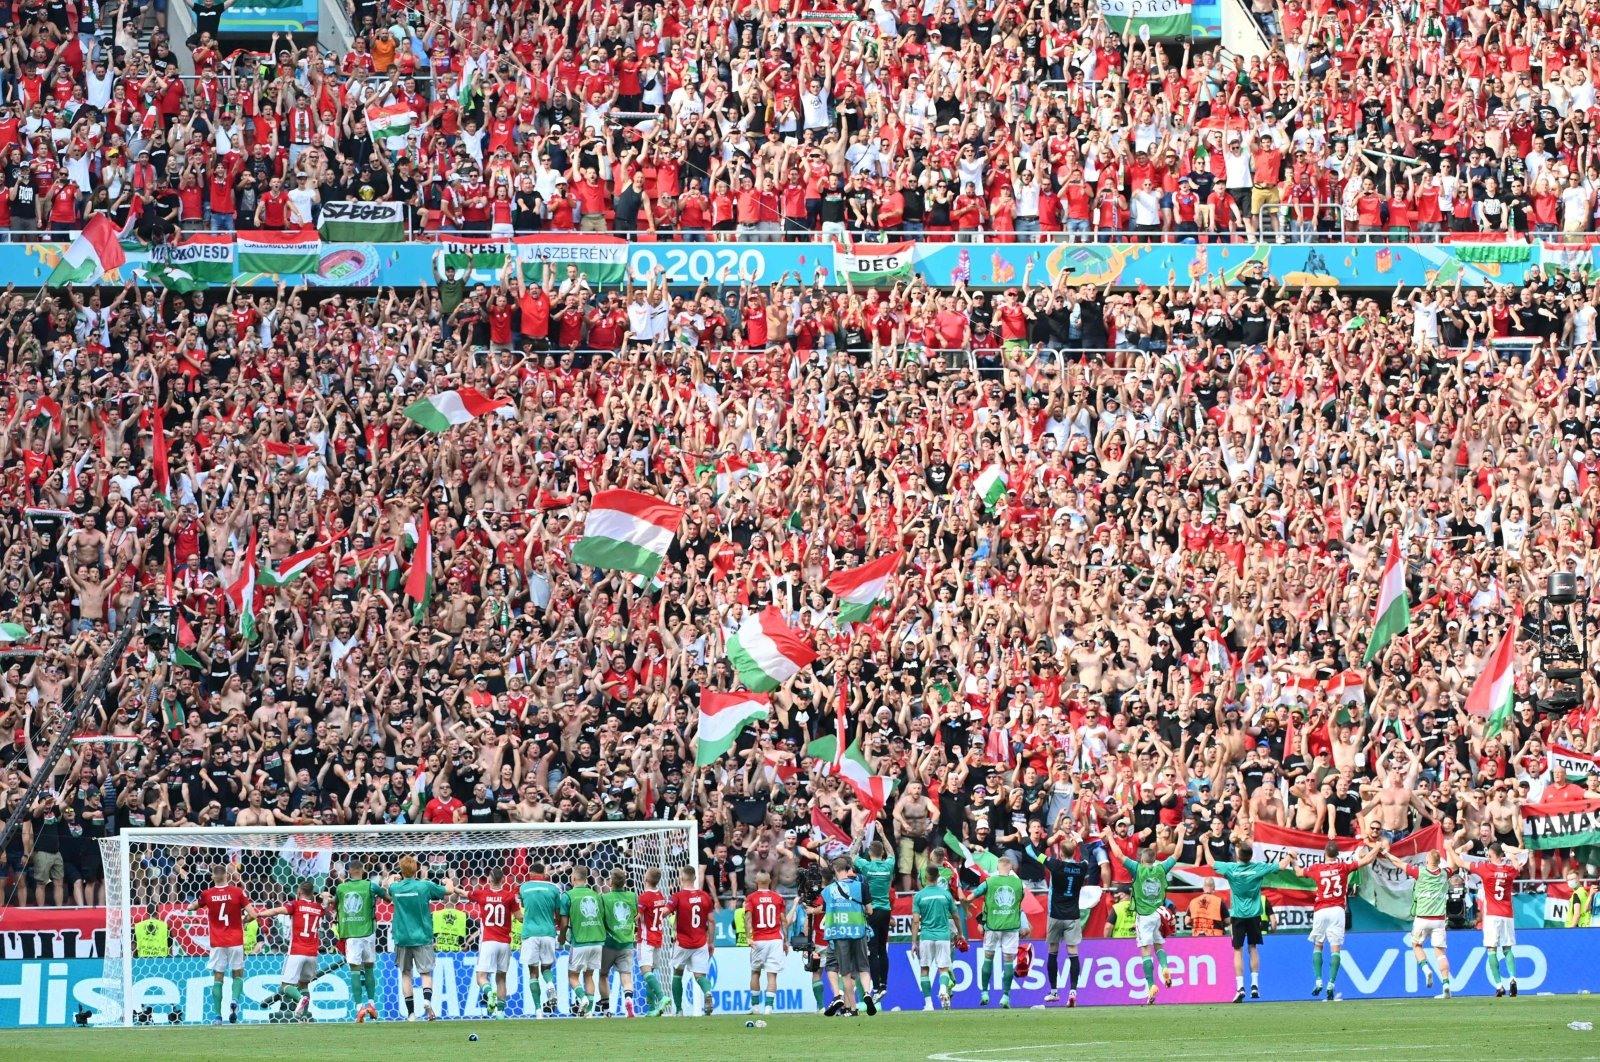 Một trong những sân vận động tổ chức giải EURO 2020 tràn ngập khán giả. Ảnh: Gettyimage